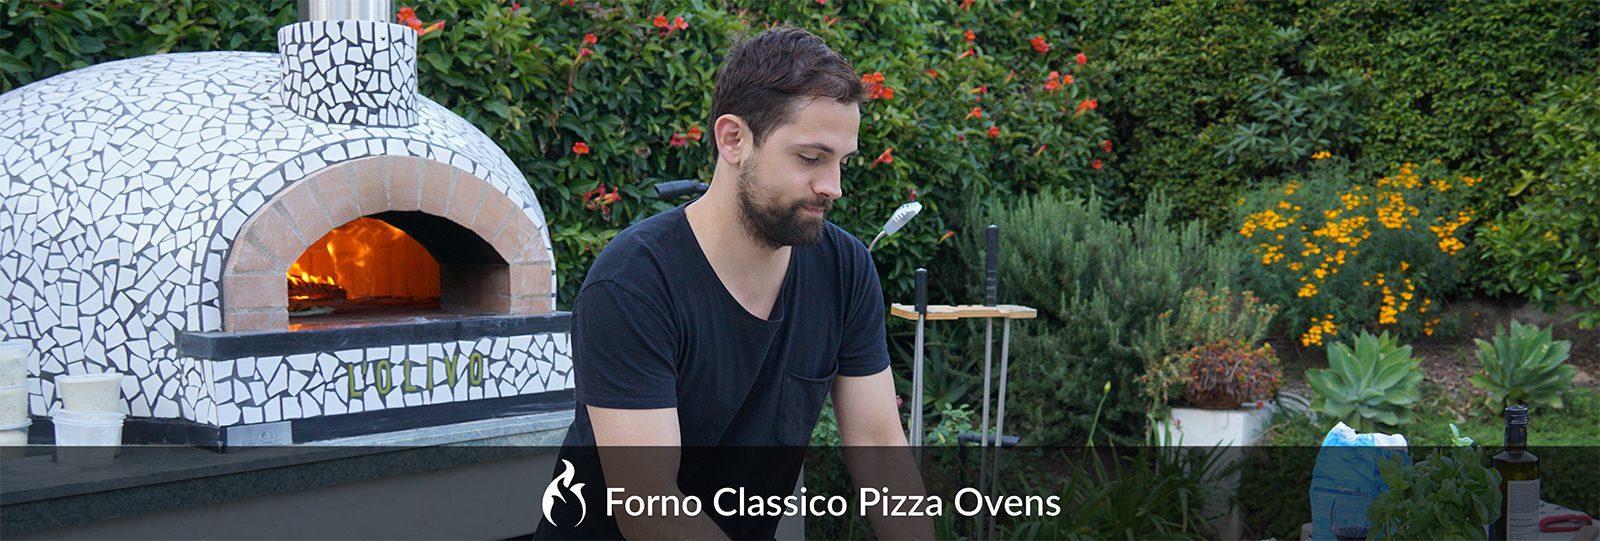 Forno Classico Pizza Ovens USA